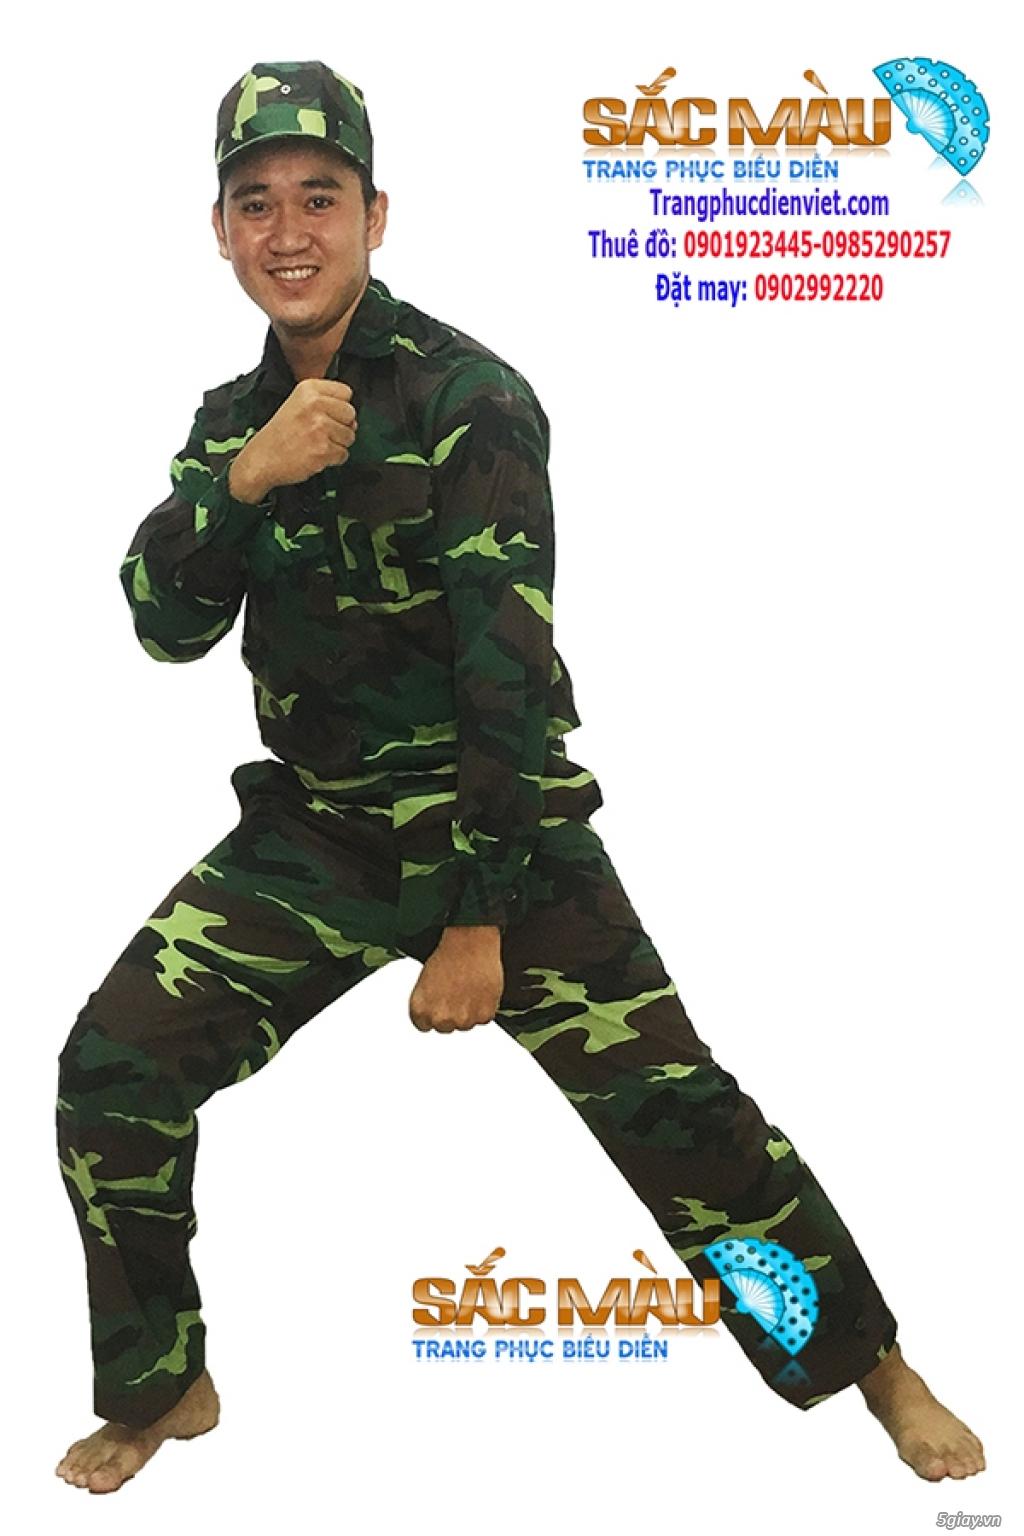 Cho thuê trang phục lính bộ đội, lính rằn ri giá rẻ quận 12, tphcm - 2